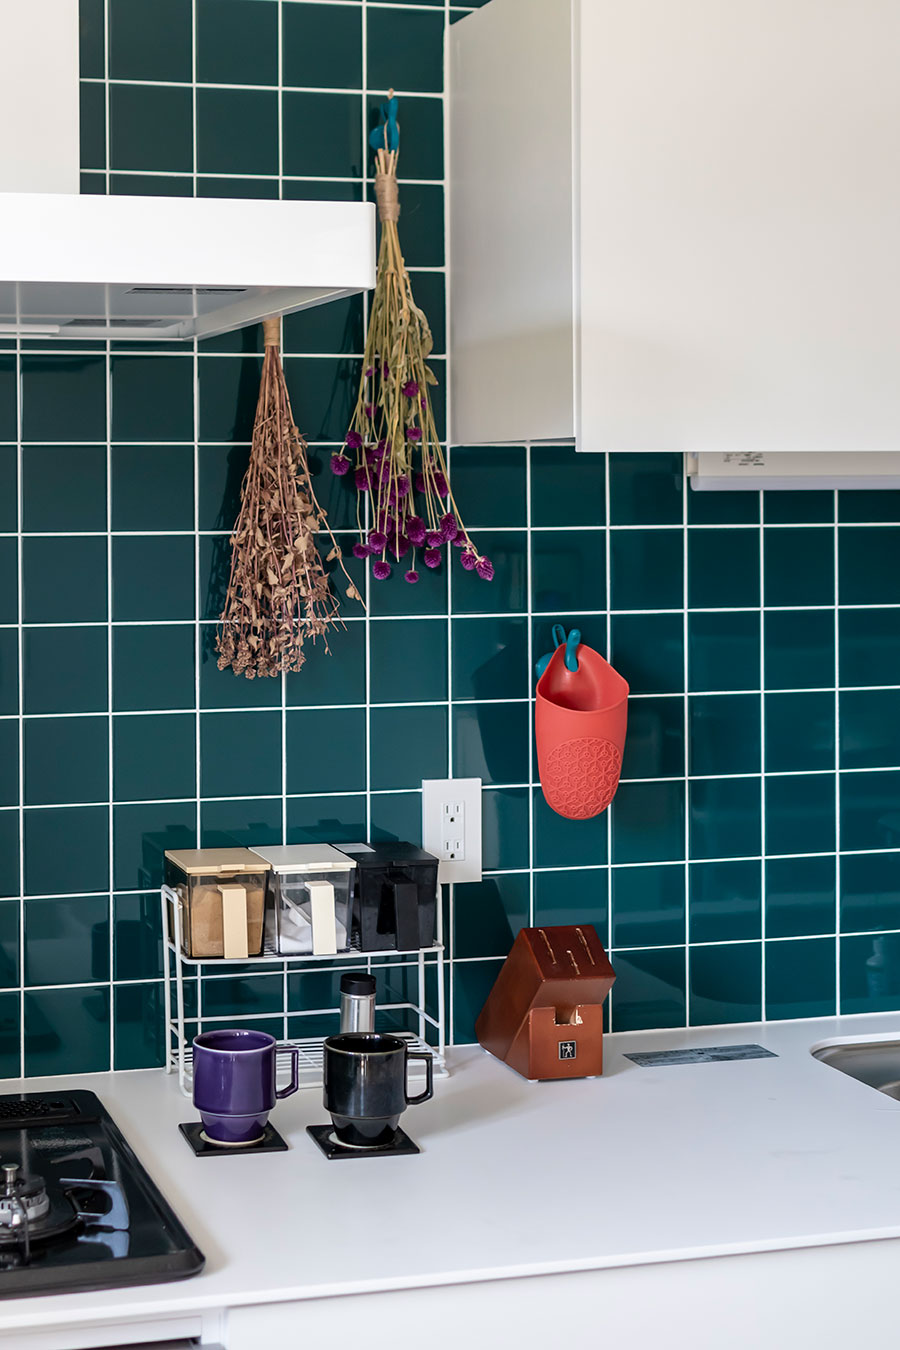 キッチン壁面はピーコックグリーンのタイルで上品な印象に。